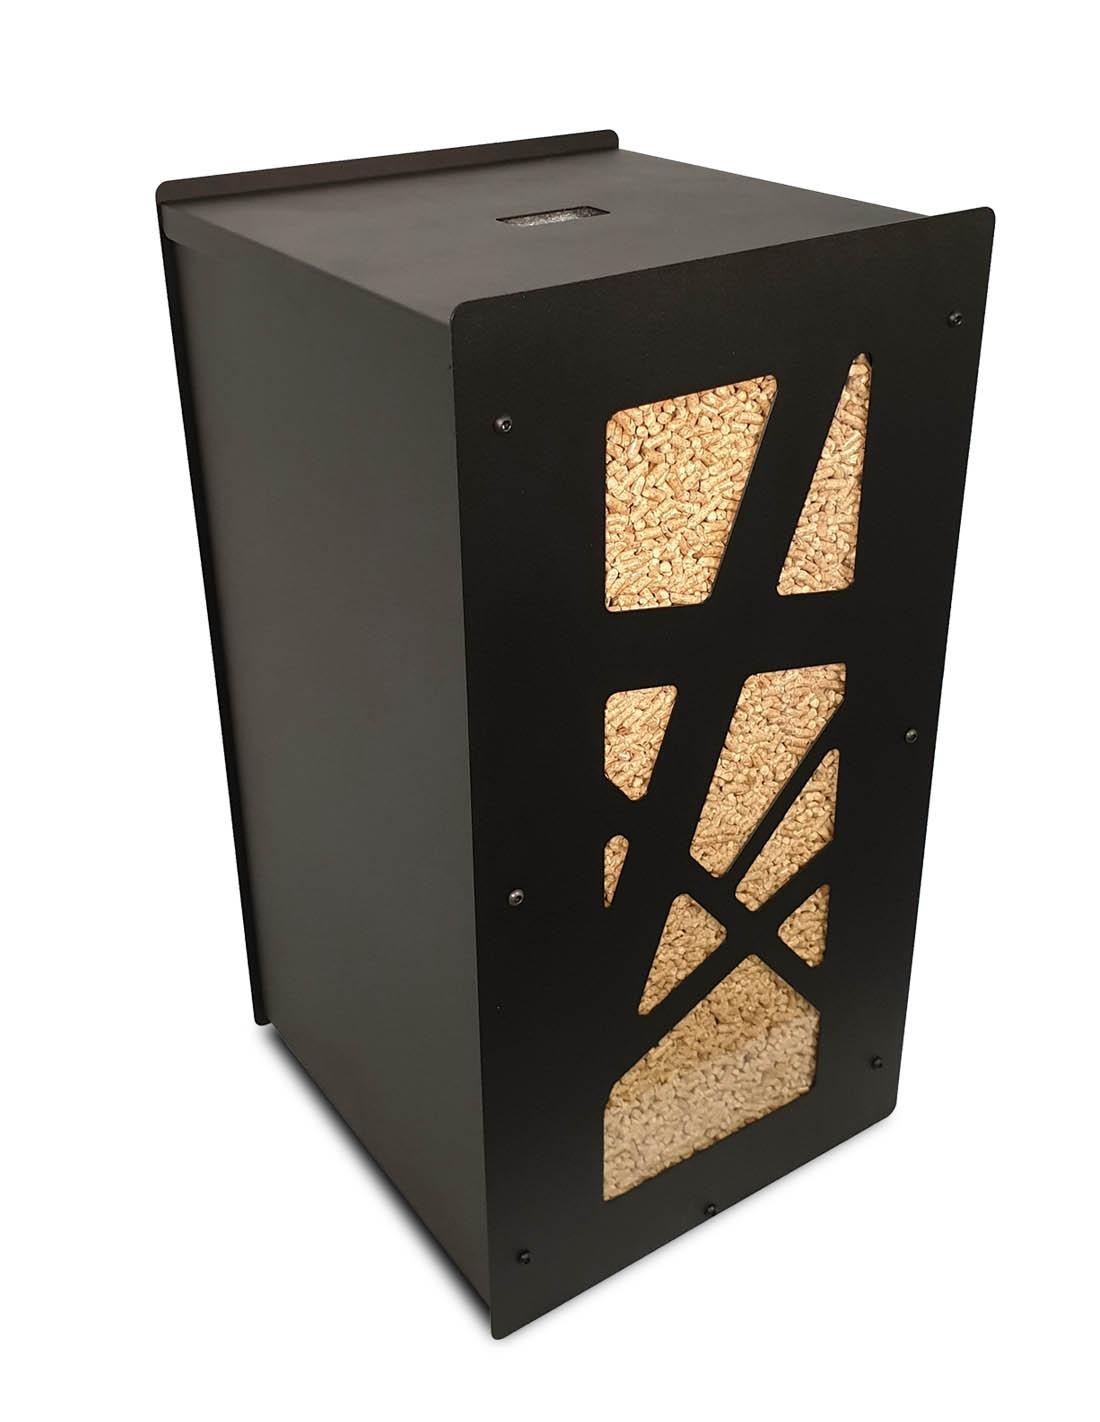 Trouver un rangement à pellets pas cher et design à Dijon - Meubles de rangement et stockage ...